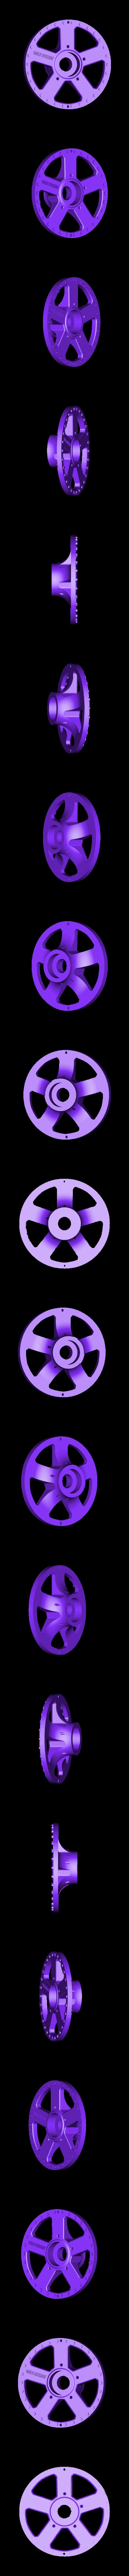 rim face (front).stl Télécharger fichier STL gratuit 1991 Mazda 787B 3d Voiture RC imprimée de 1991 • Objet à imprimer en 3D, brett